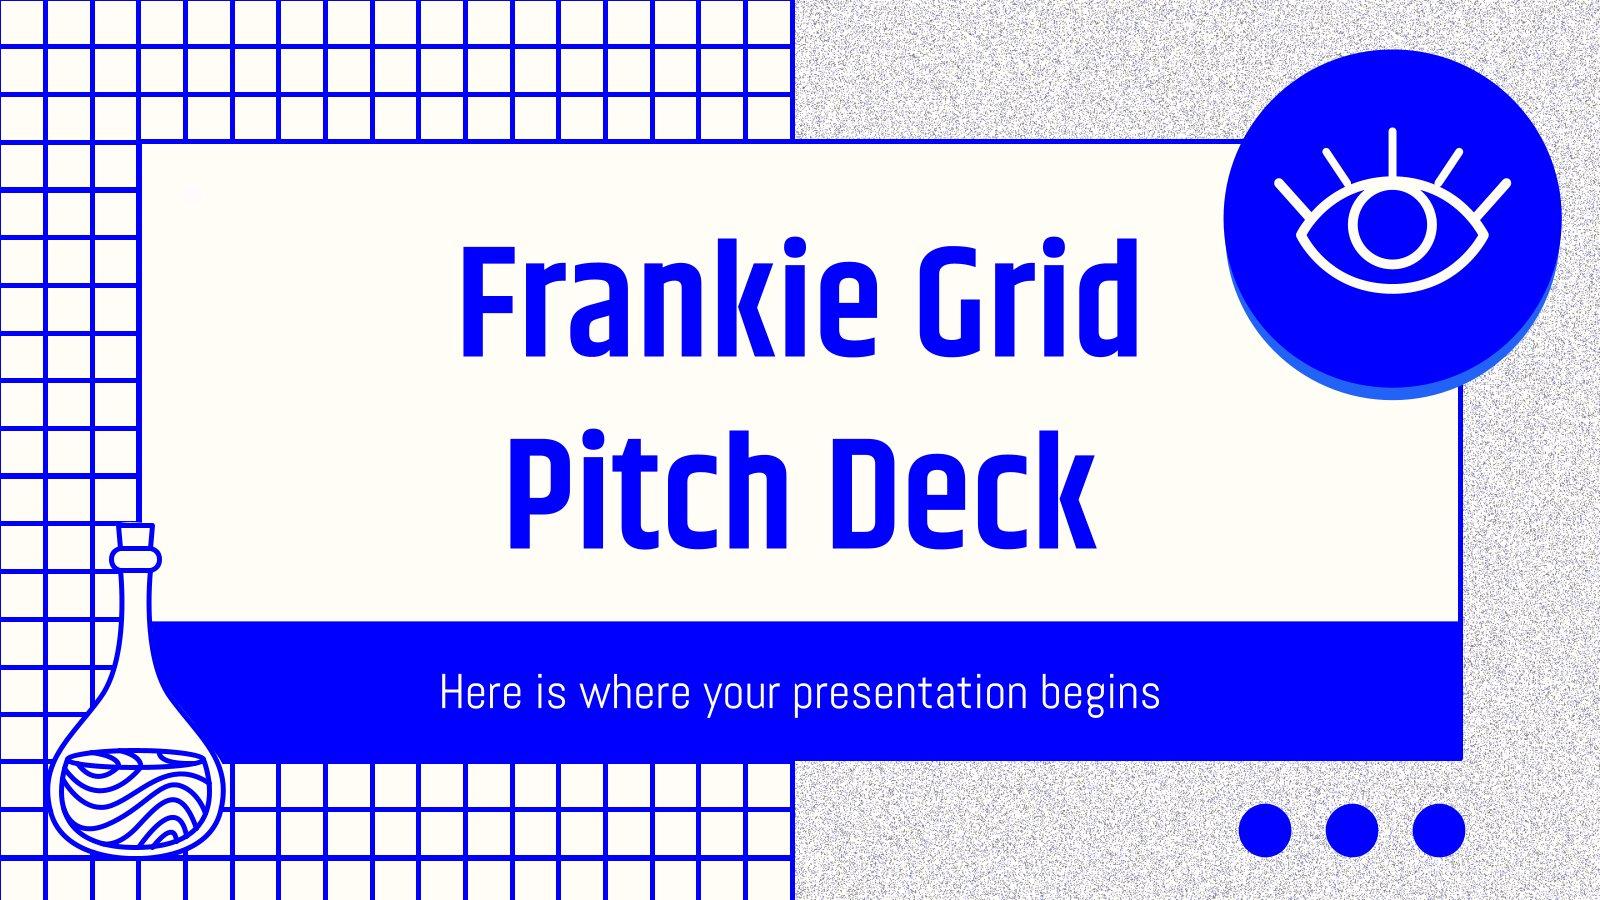 Plantilla de presentación Pitch deck Frankie con rejillas